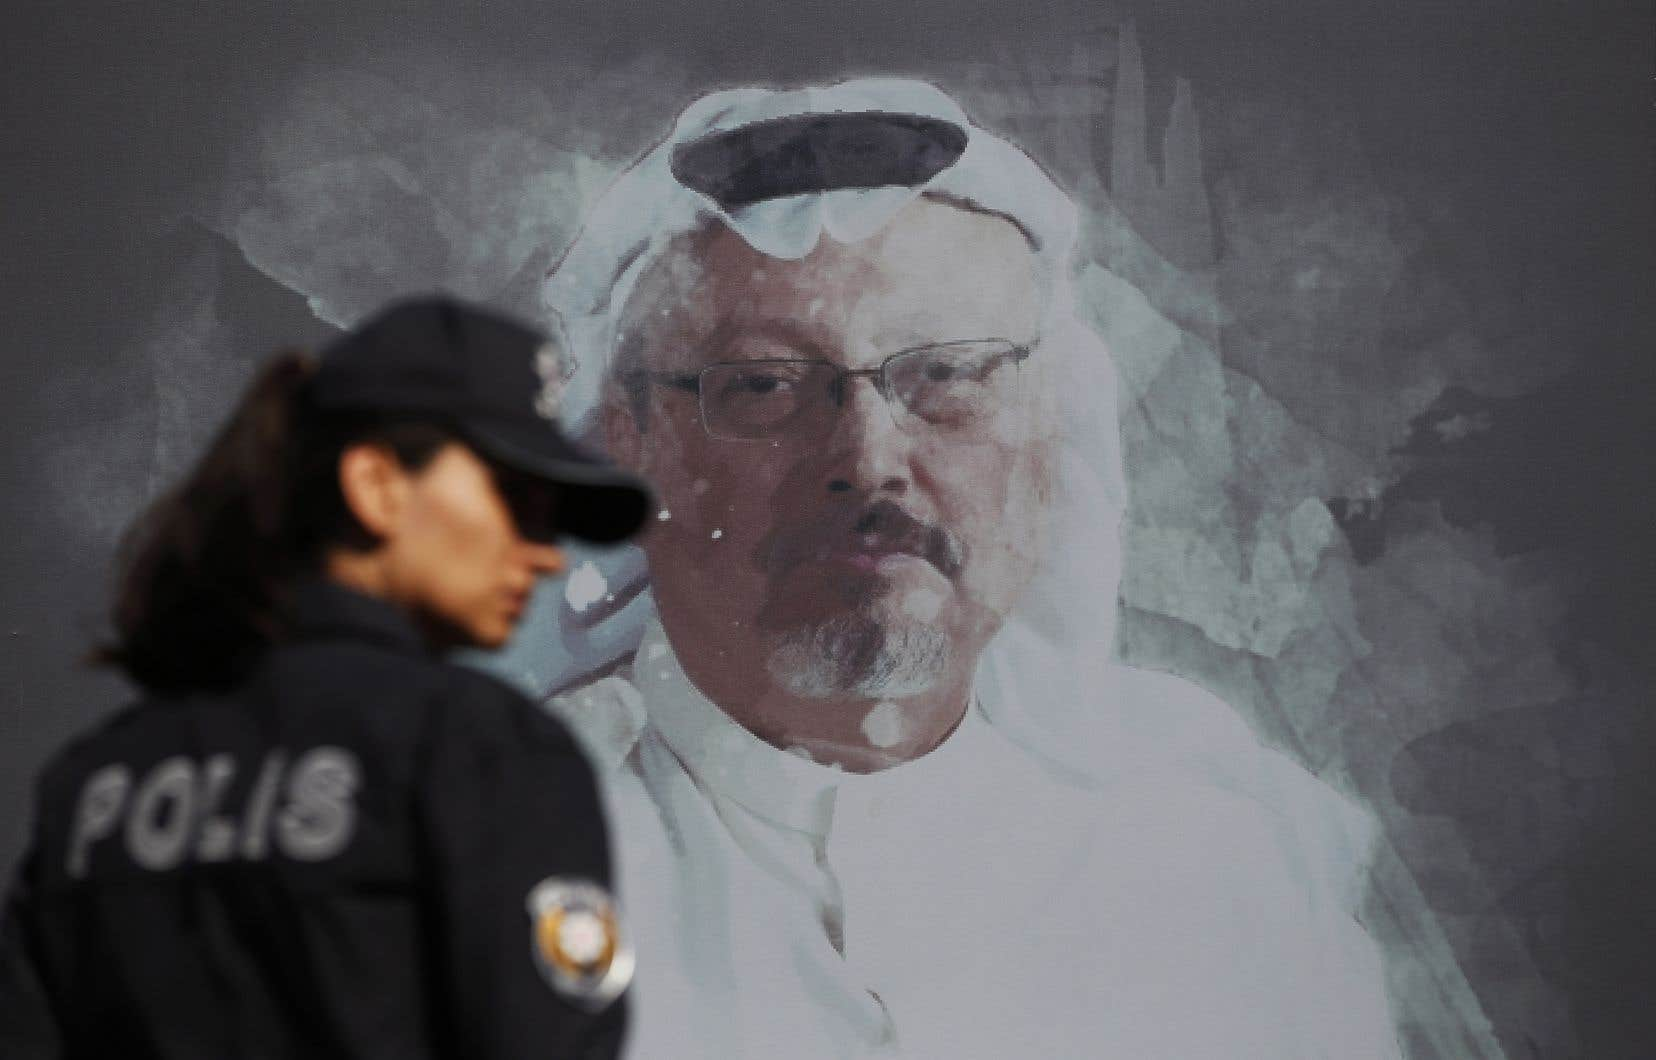 Une policière turquepasse devant une image représentant le journaliste saoudien assassiné Jamal Khashoggiprès du consulat d'Arabie saoudite à Istanbul, avant une cérémoniemarquant le premier anniversaire de sa mort, le 2 octobre 2019.